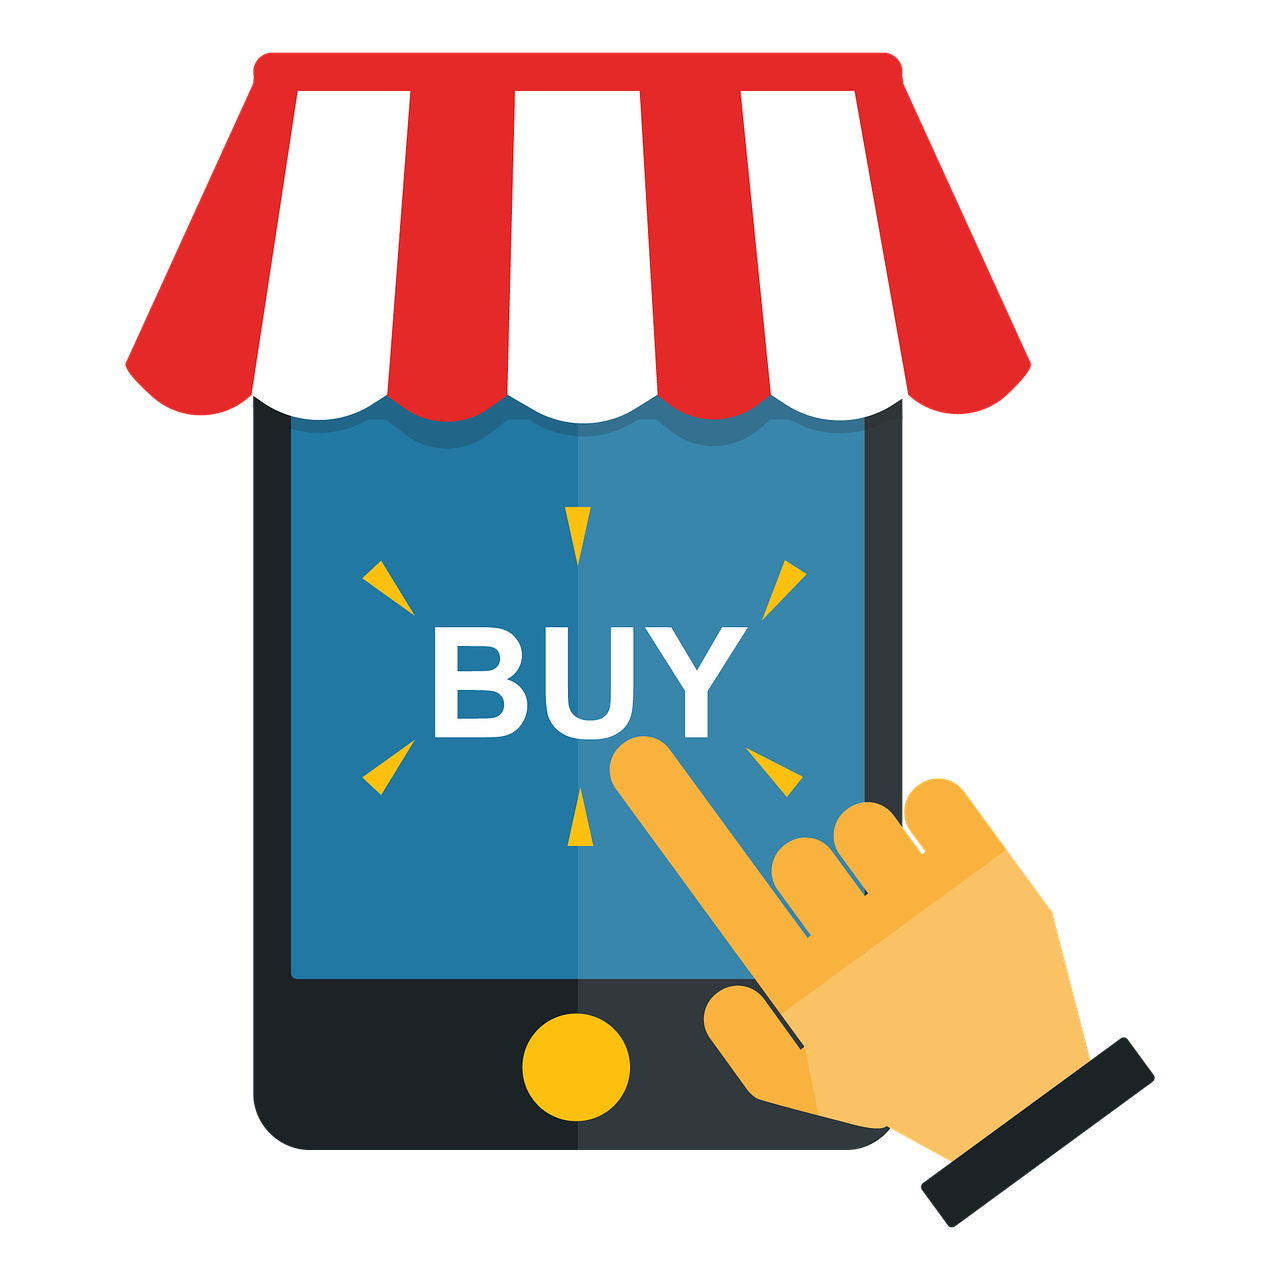 buy_pix bay